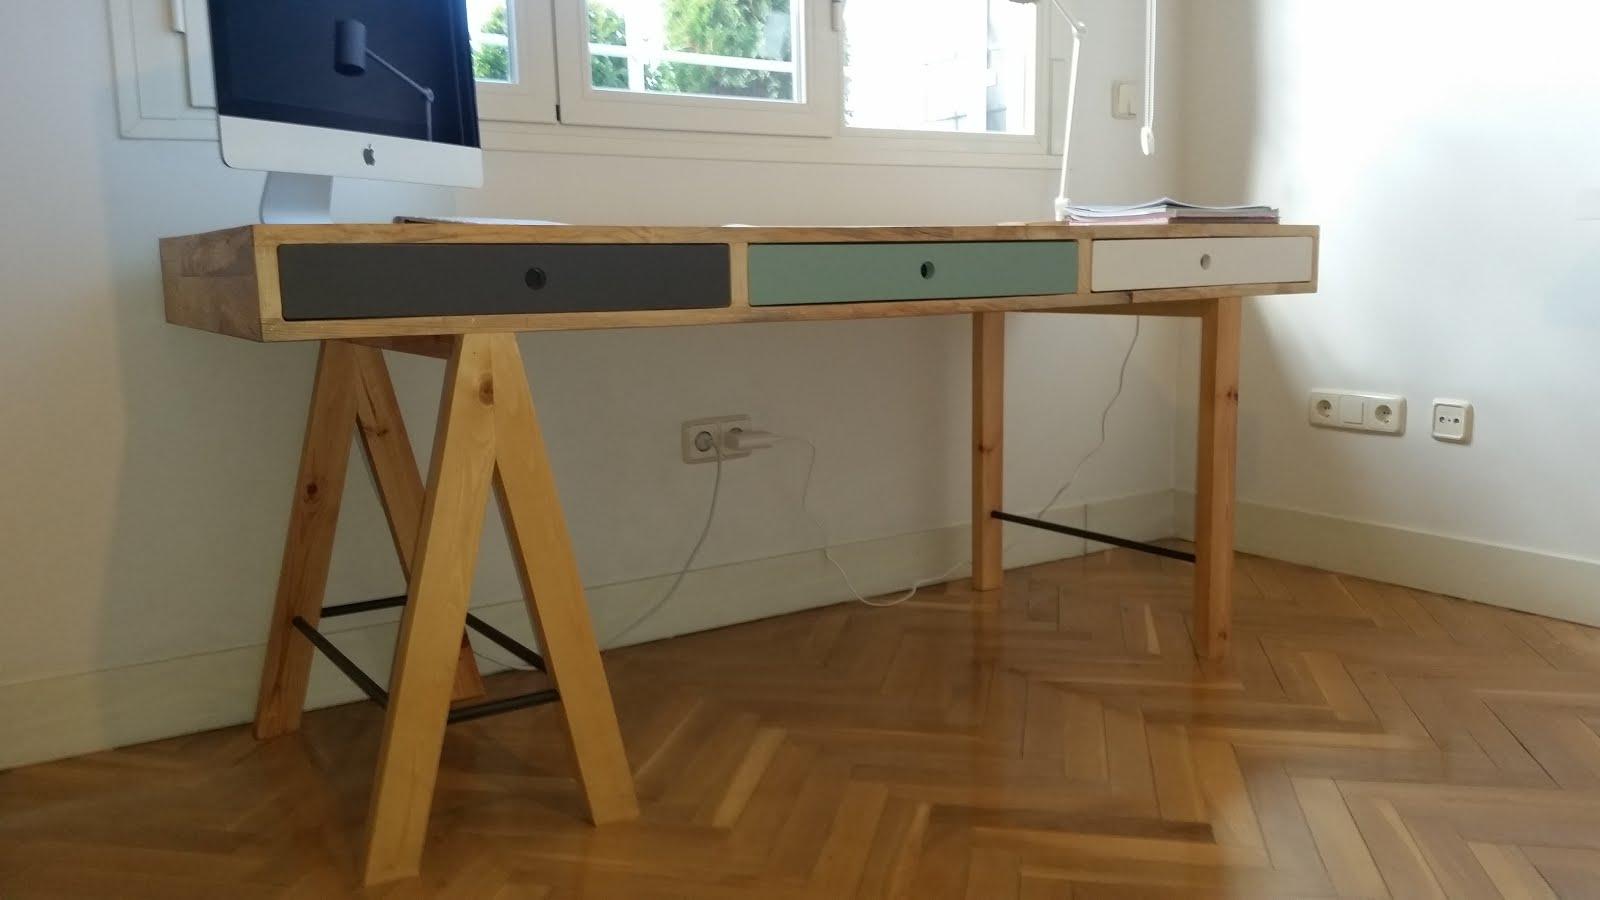 De un arbol mesa estudio for Como reciclar un escritorio de madera